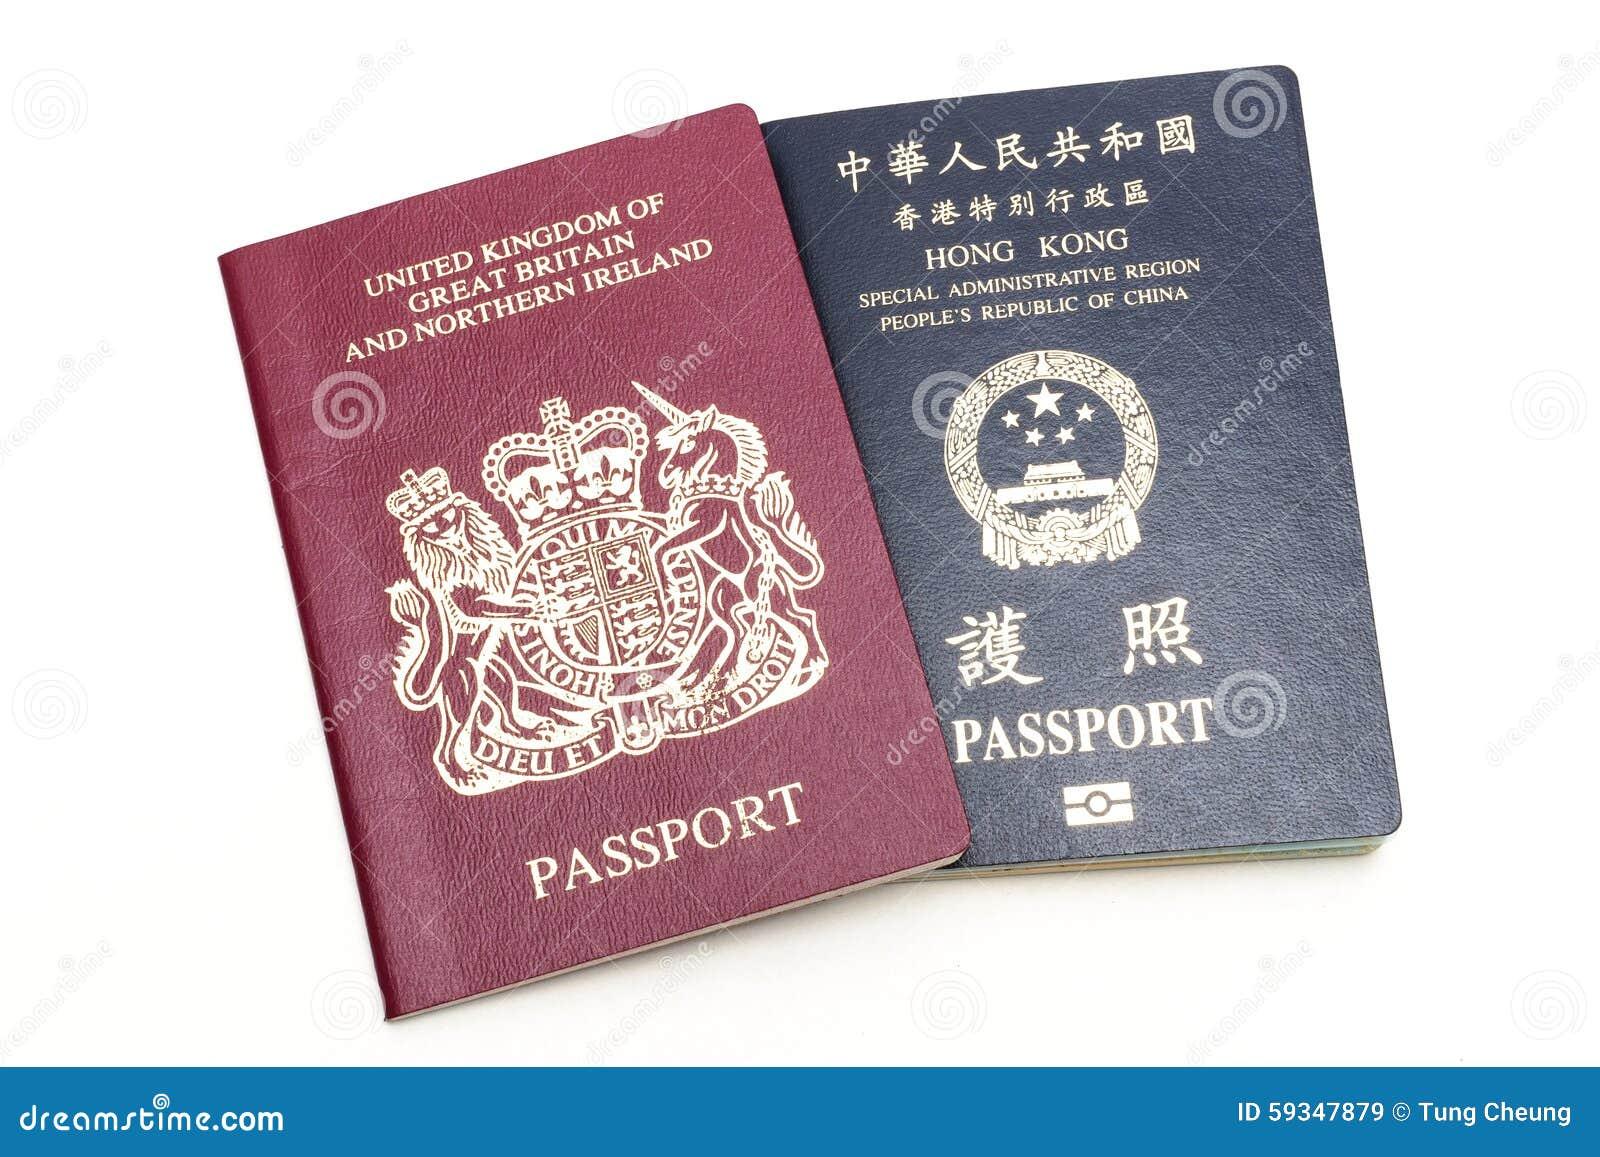 持有香港特区护照、回港证、回乡证。来往国内能只用特区护照吗?